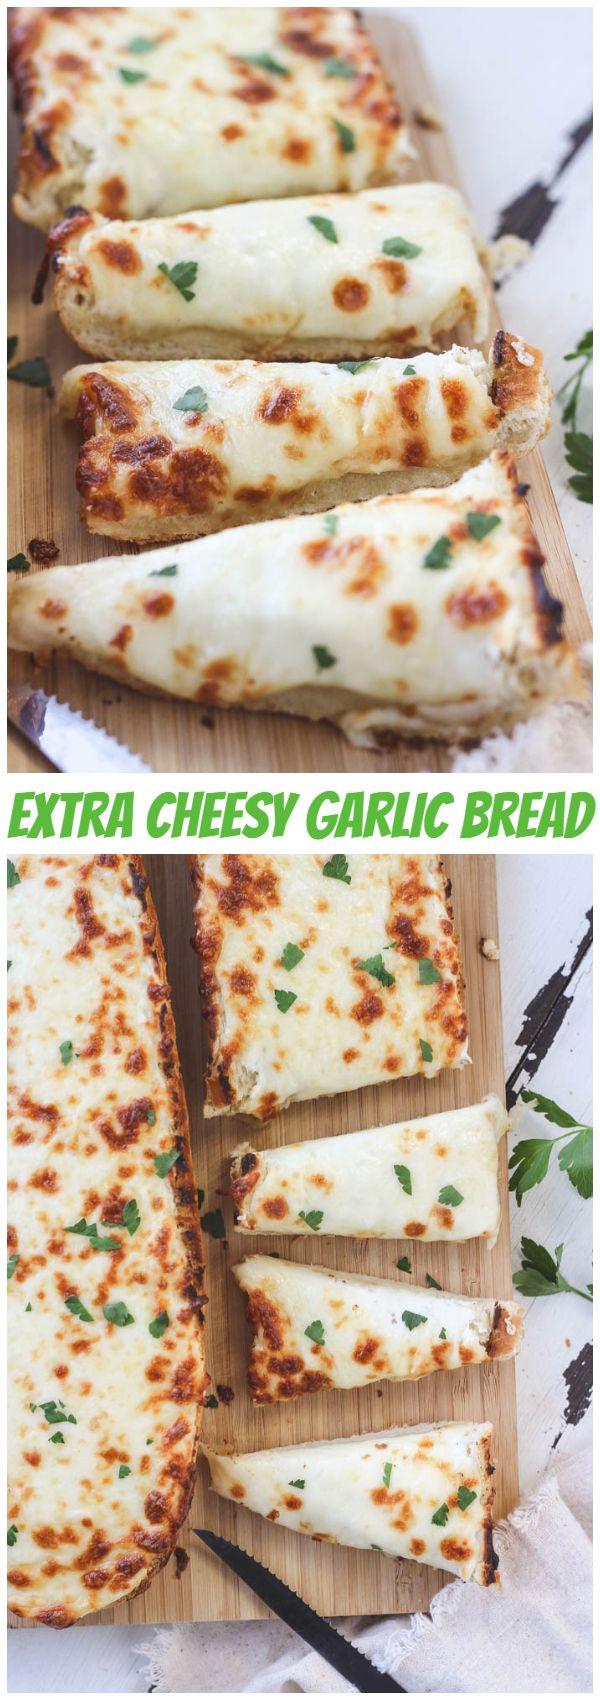 Extra Cheesy Garlic Bread